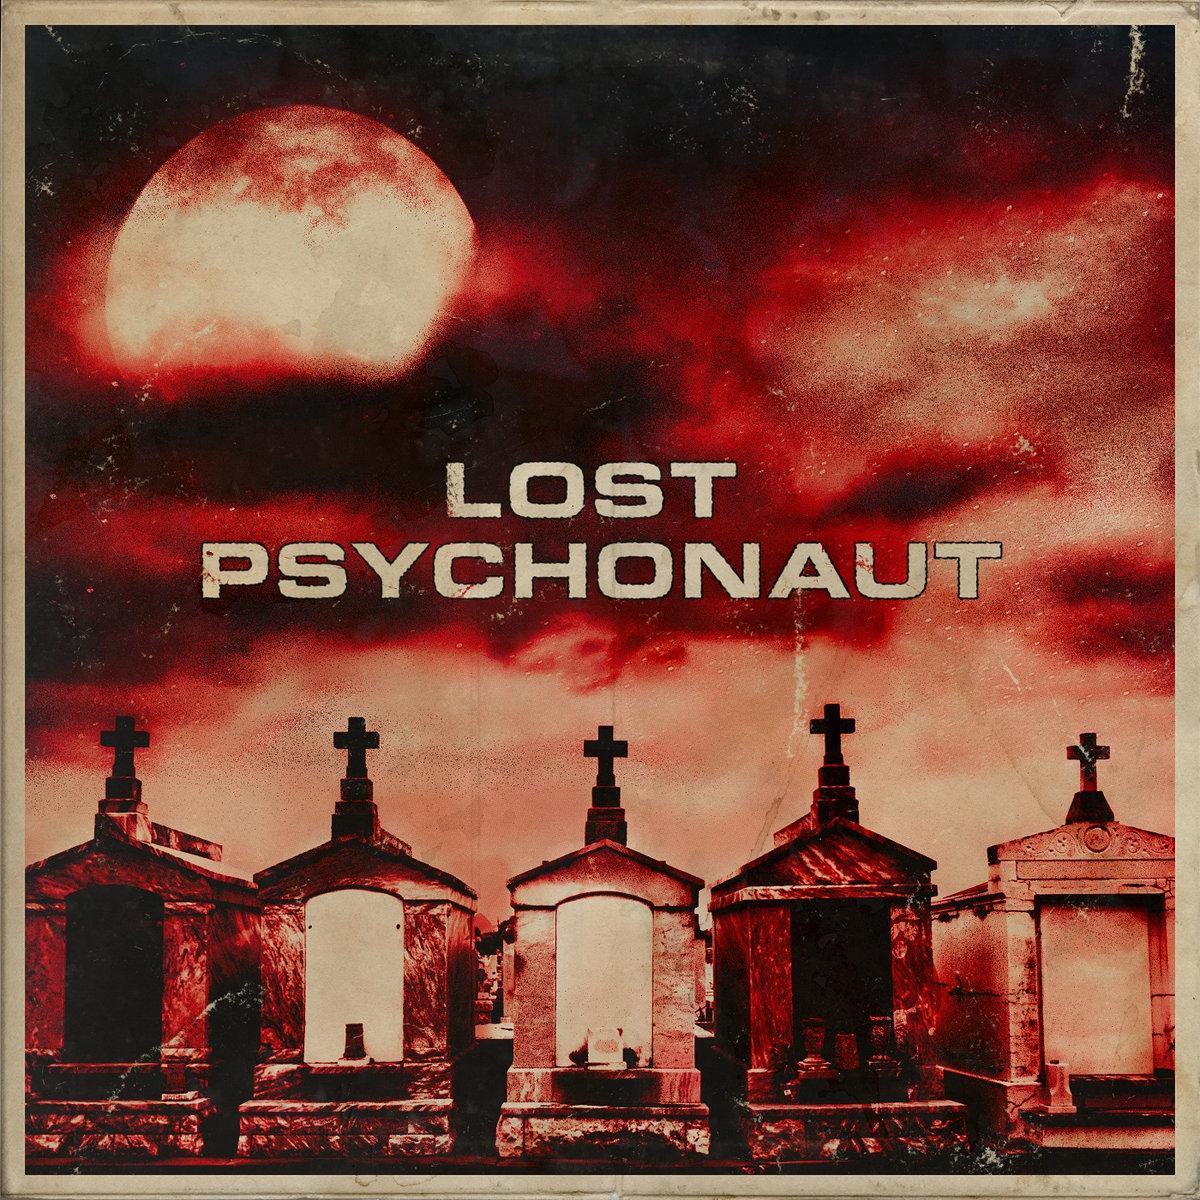 Lost Psychonaut Lost Psychonaut